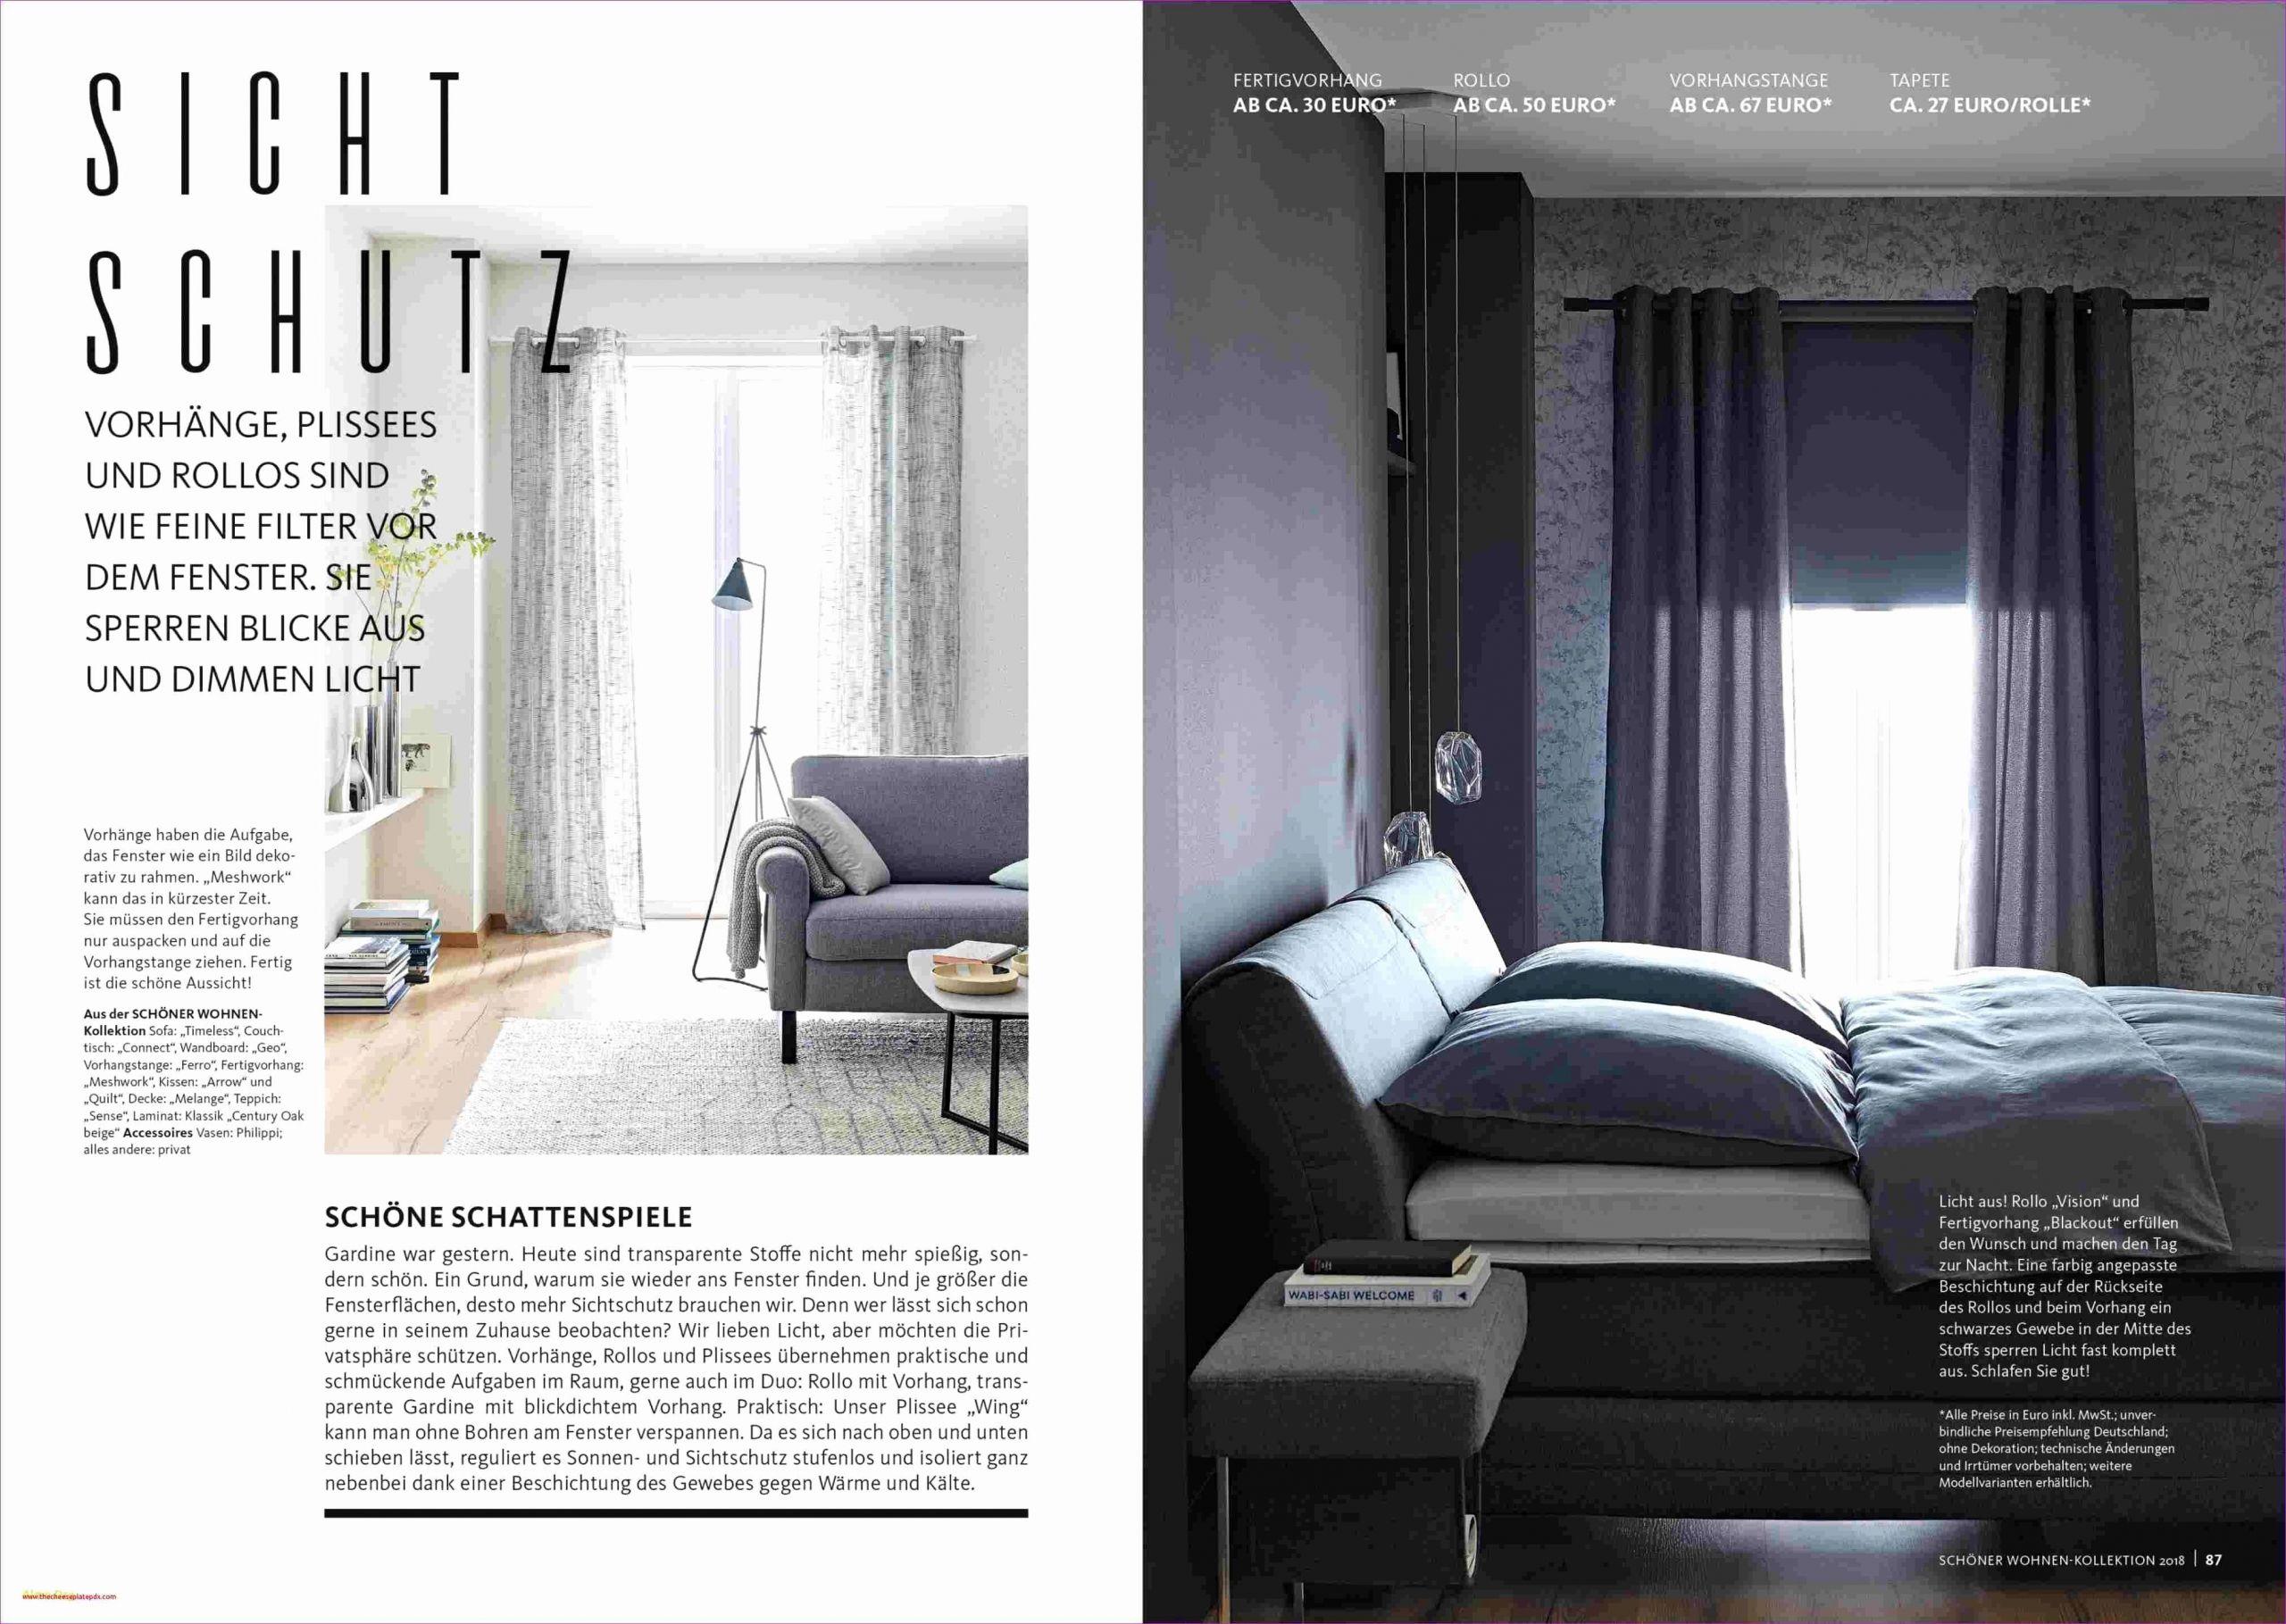 luxus wohnzimmer deko awesome 39 luxus fenster gardinen modern meinung of luxus wohnzimmer deko